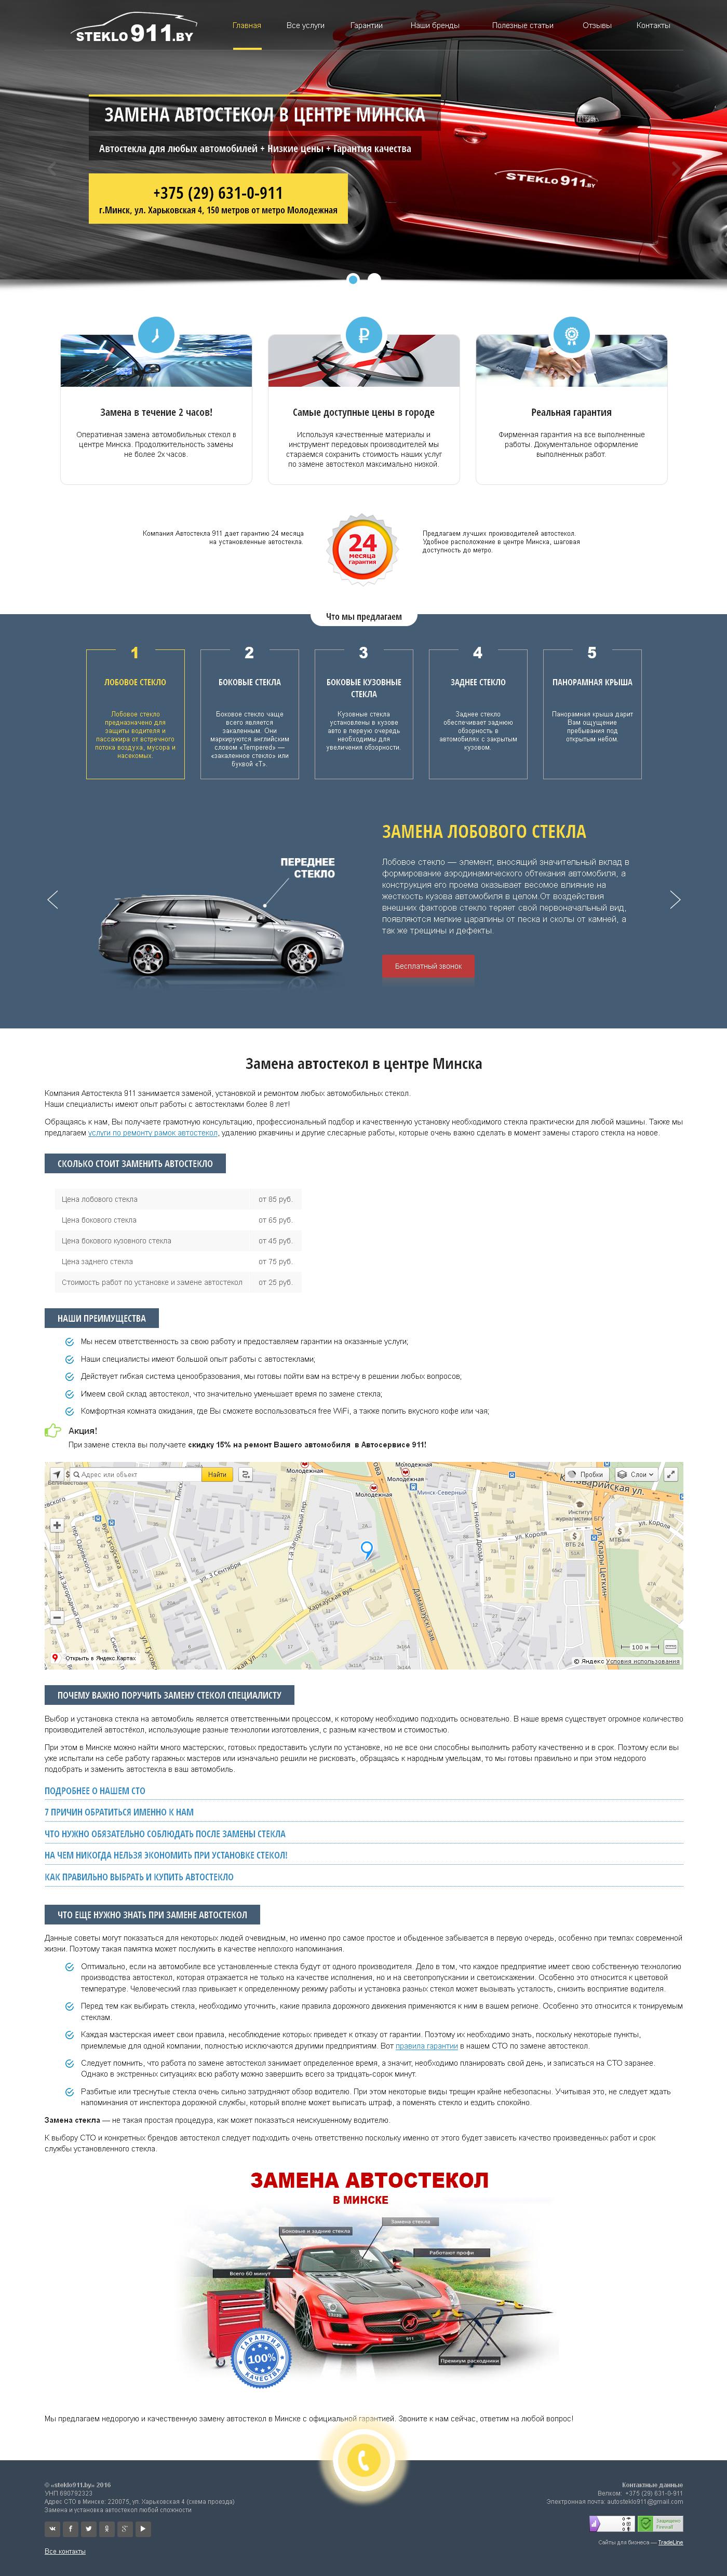 Готовый сайт по автостеклам